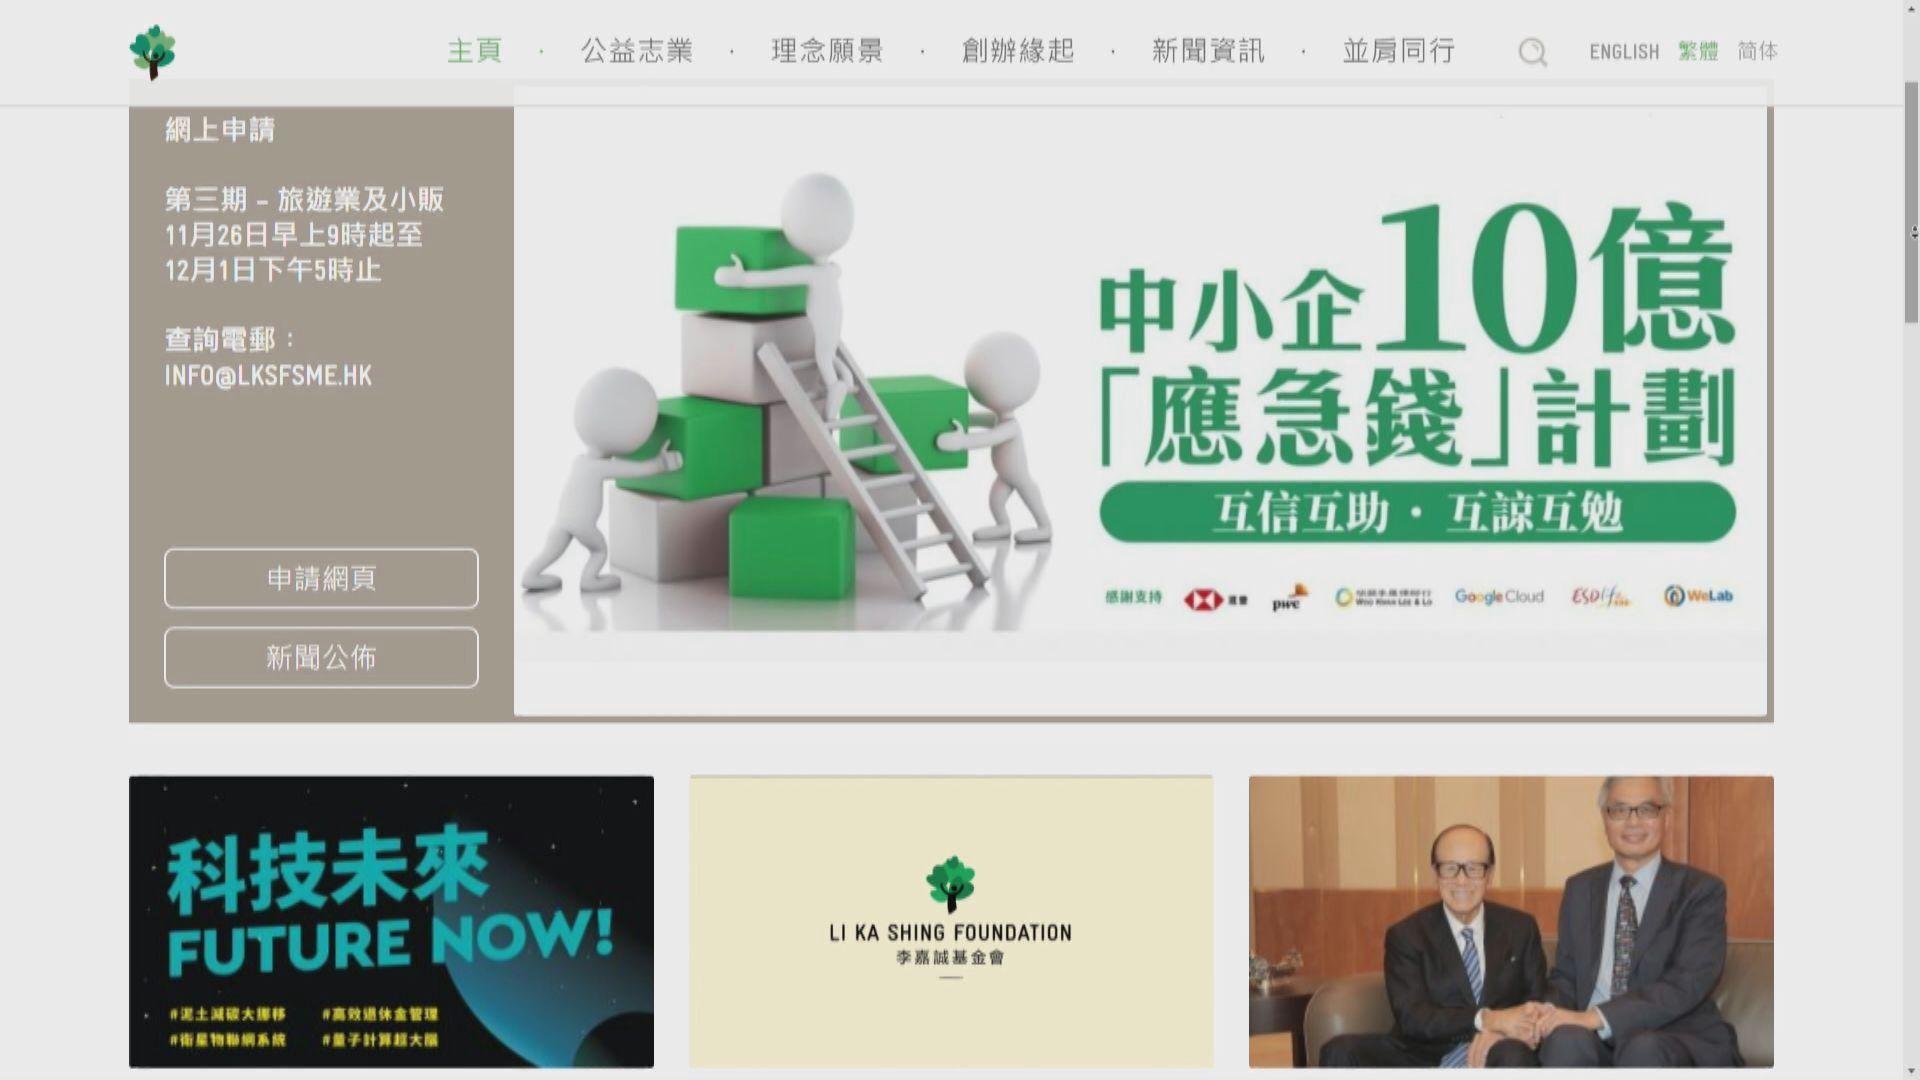 【應急錢】李嘉誠基金會1億支援旅遊業及小販 人人有份